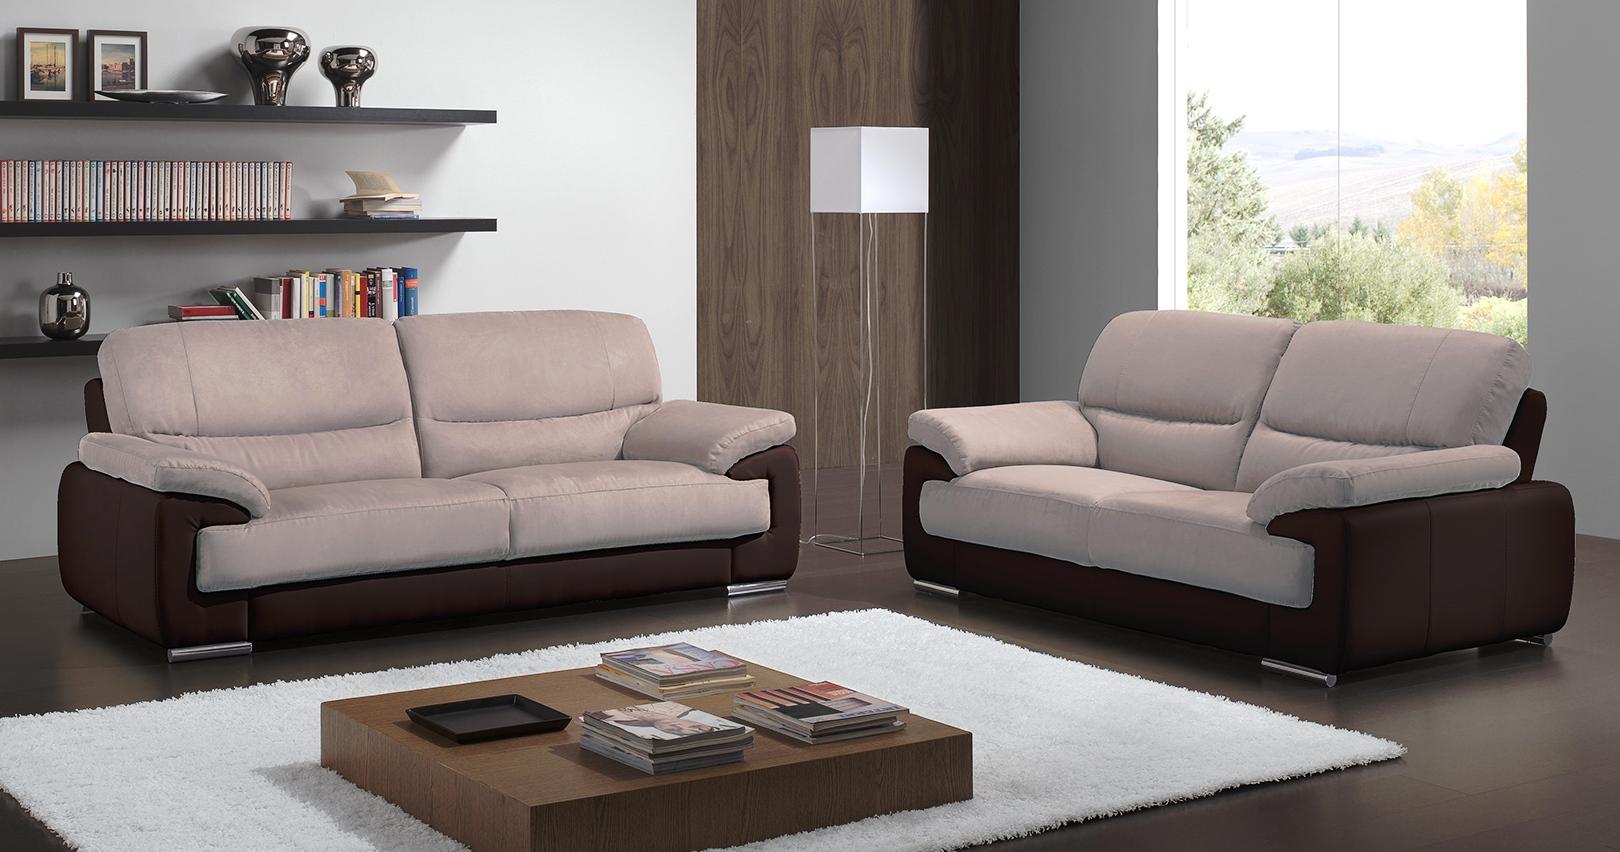 salon 3 2 toulon cuir pr mium et microfibre sur univers du. Black Bedroom Furniture Sets. Home Design Ideas